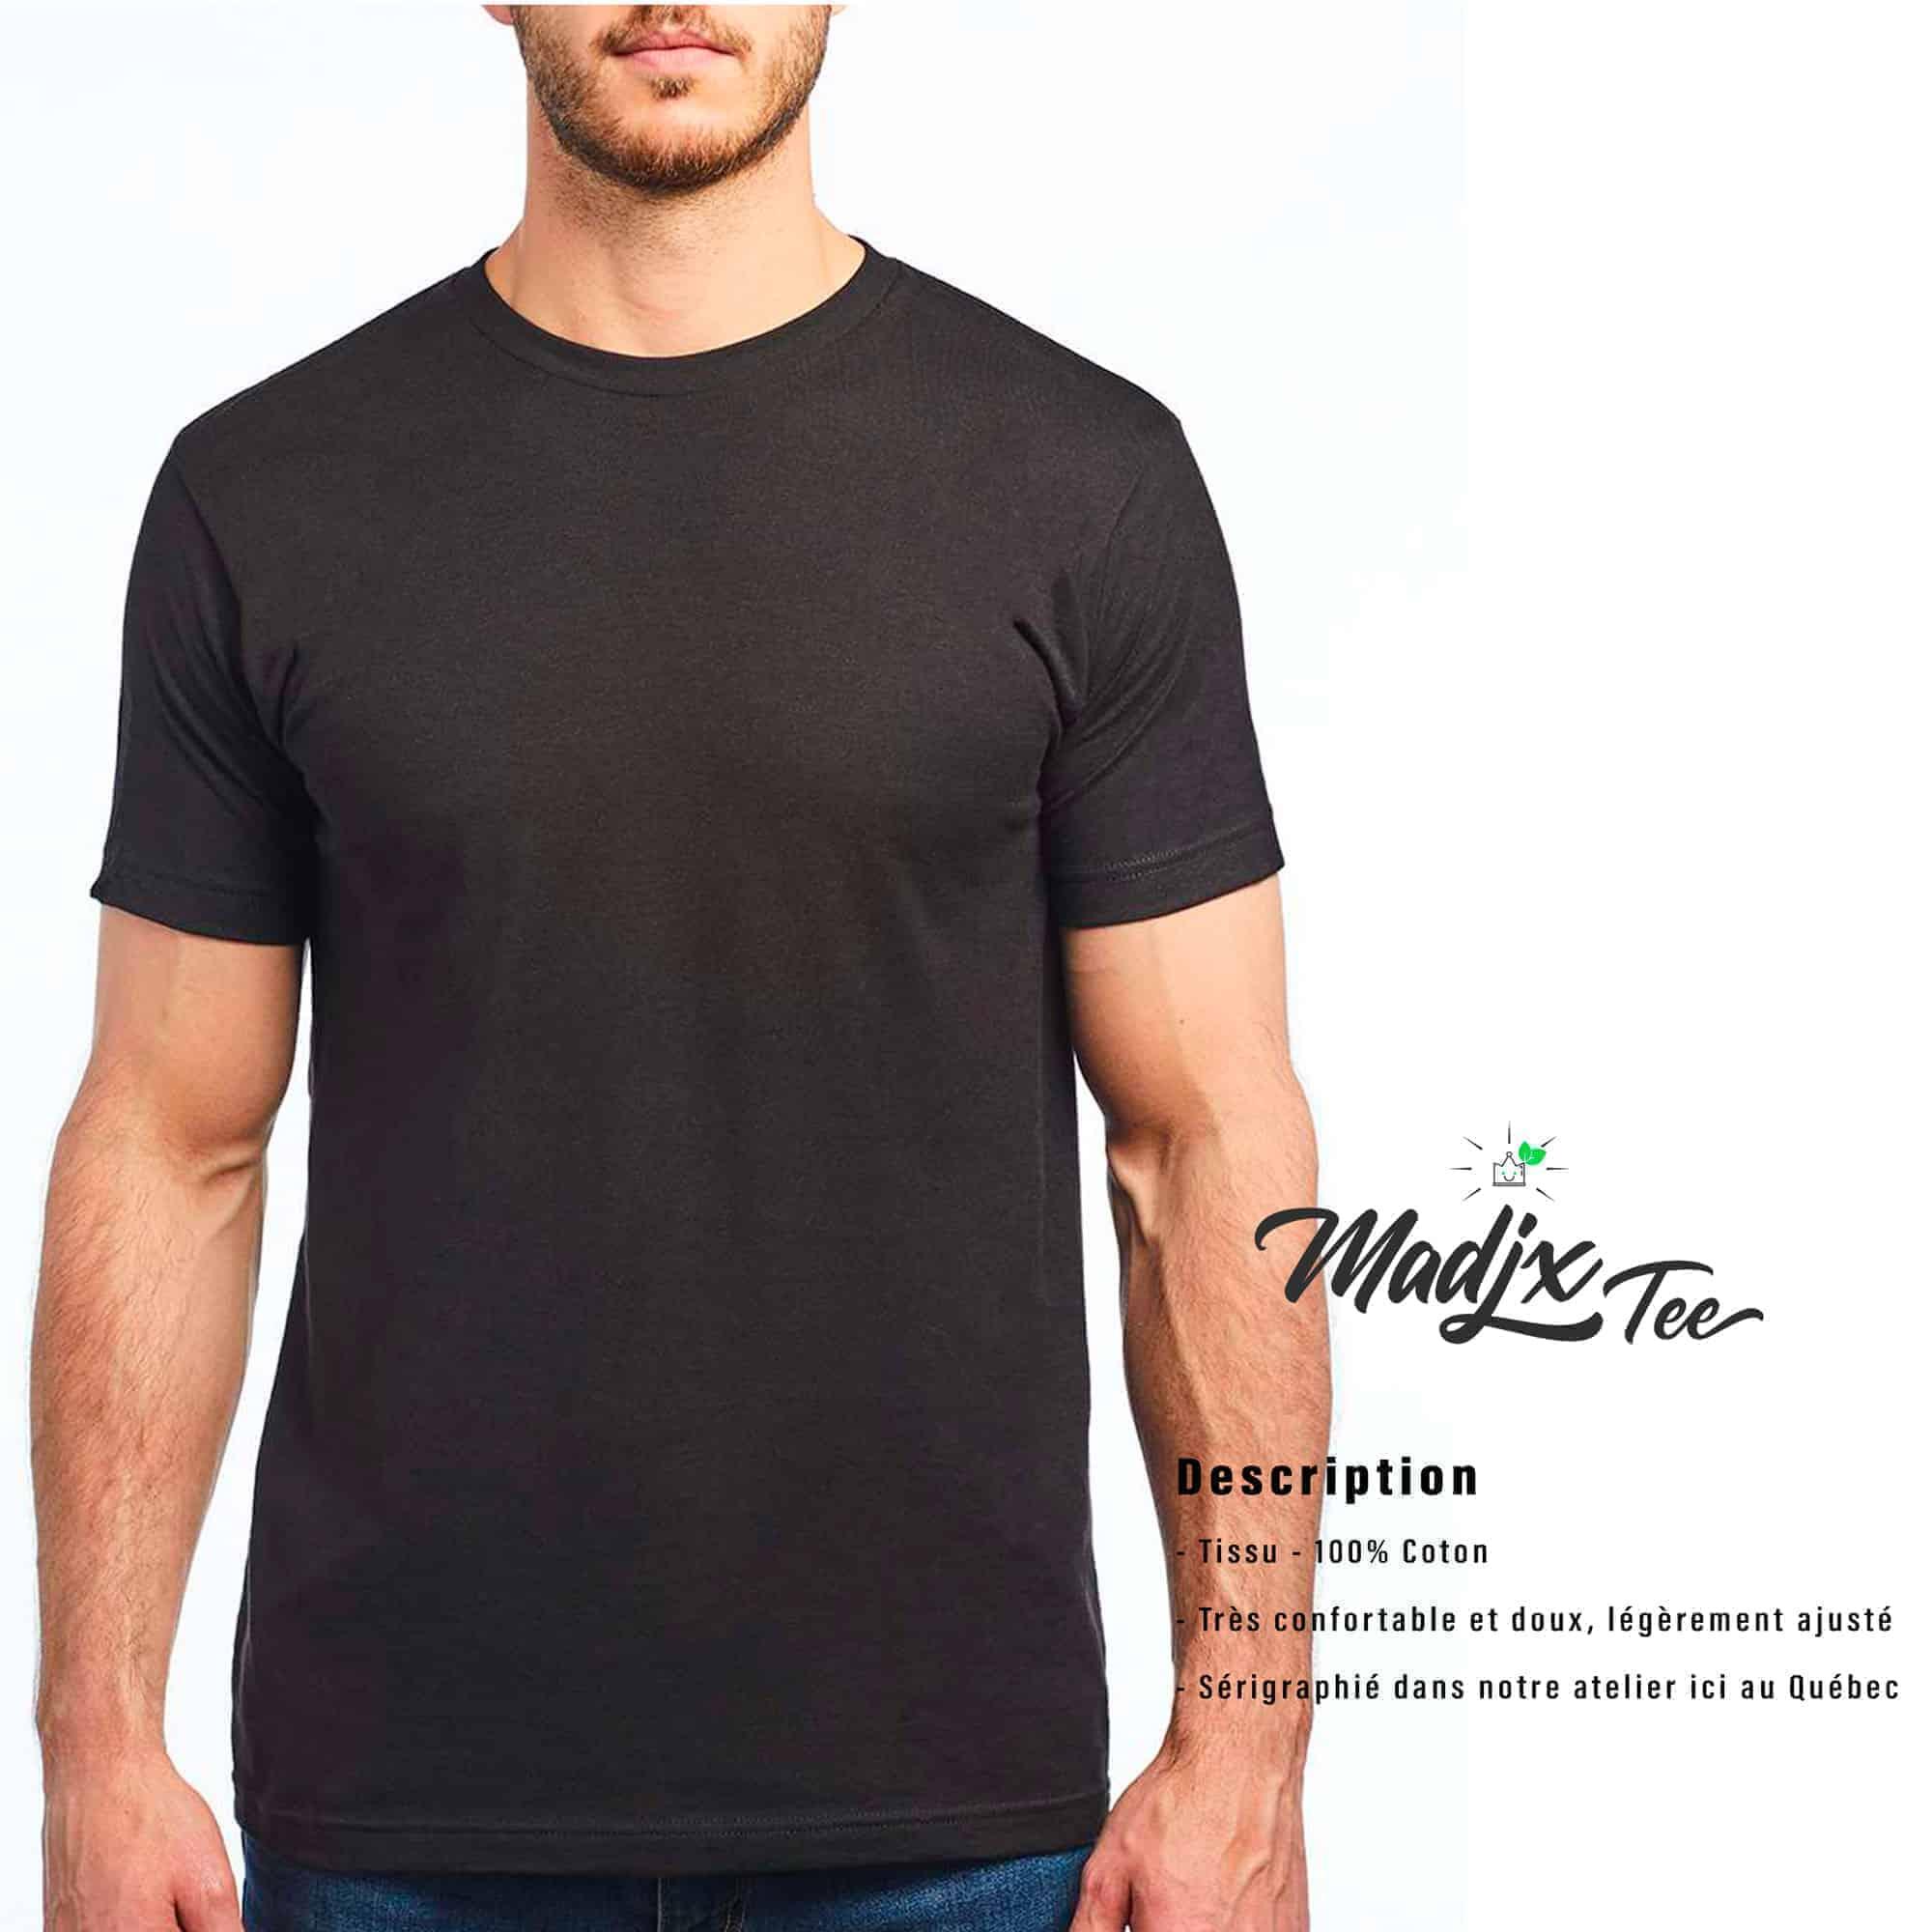 #çavabienaller t-shirt pour homme 4